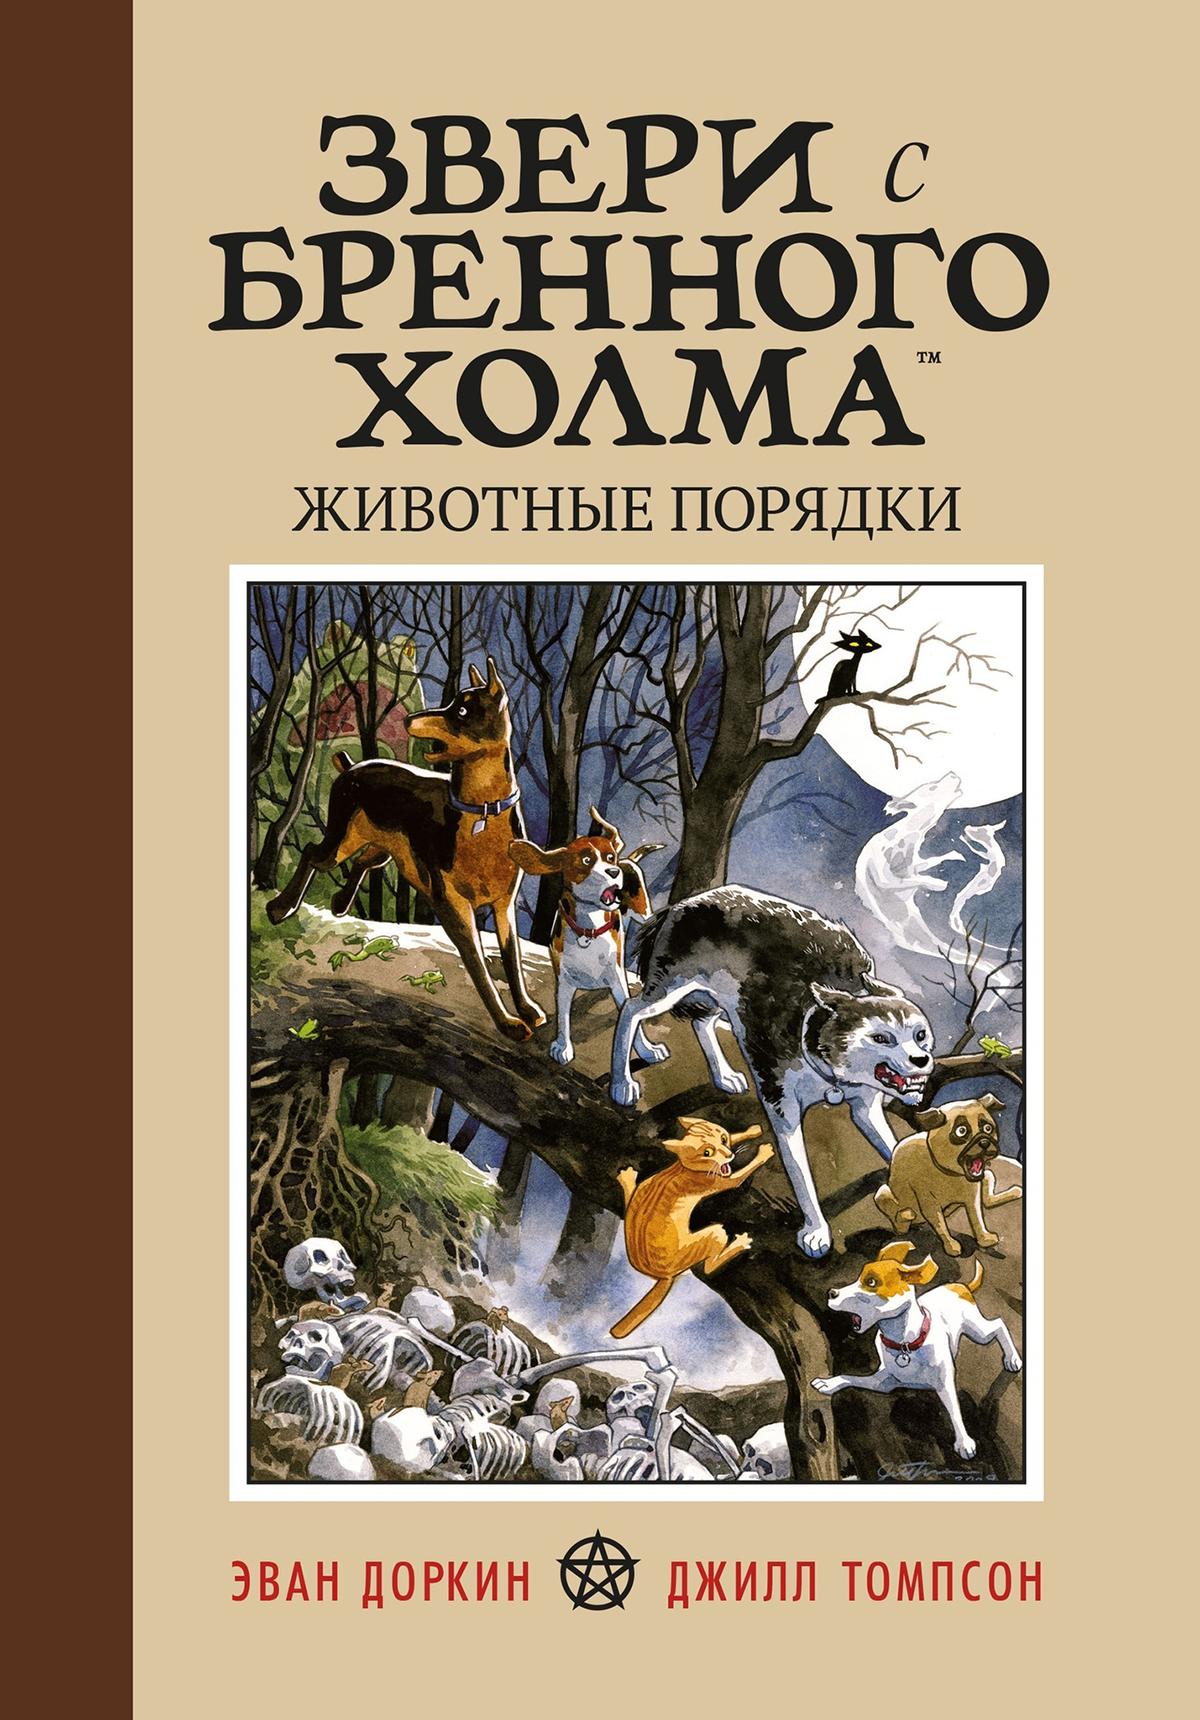 Комикс Звери с Бренного холма Животные порядки фото